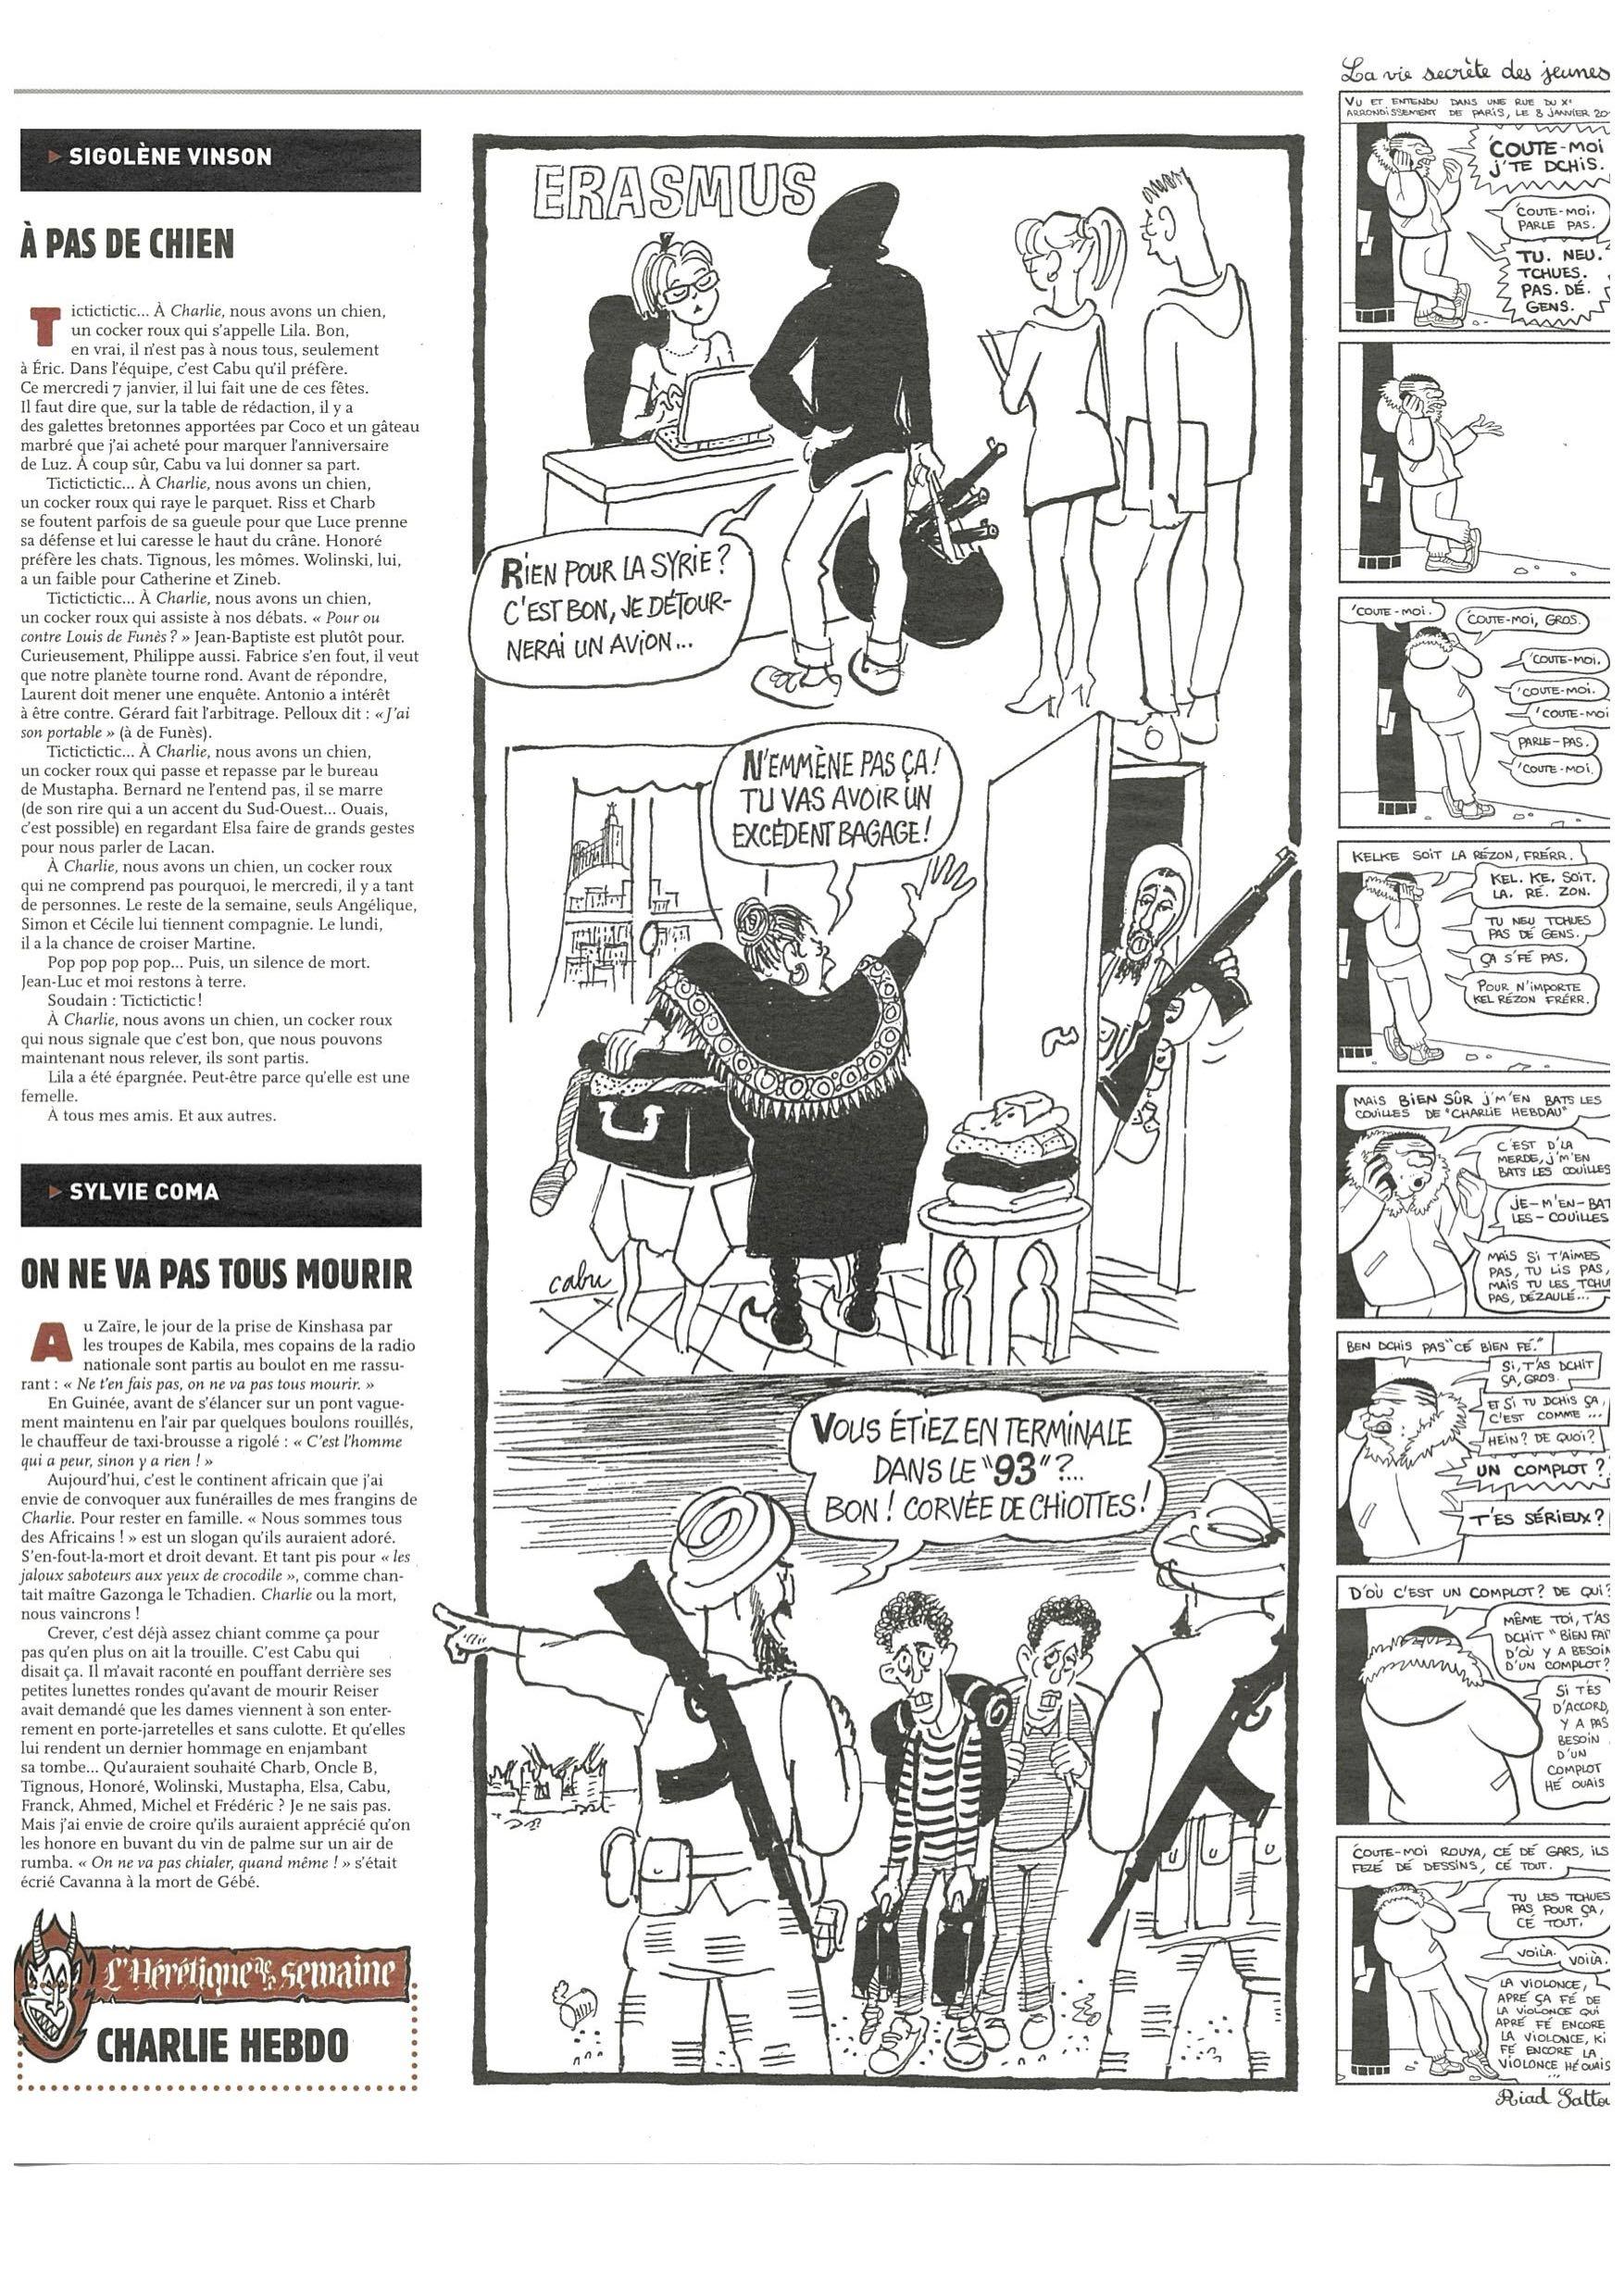 Charlie Hebdo #1178 Page 5